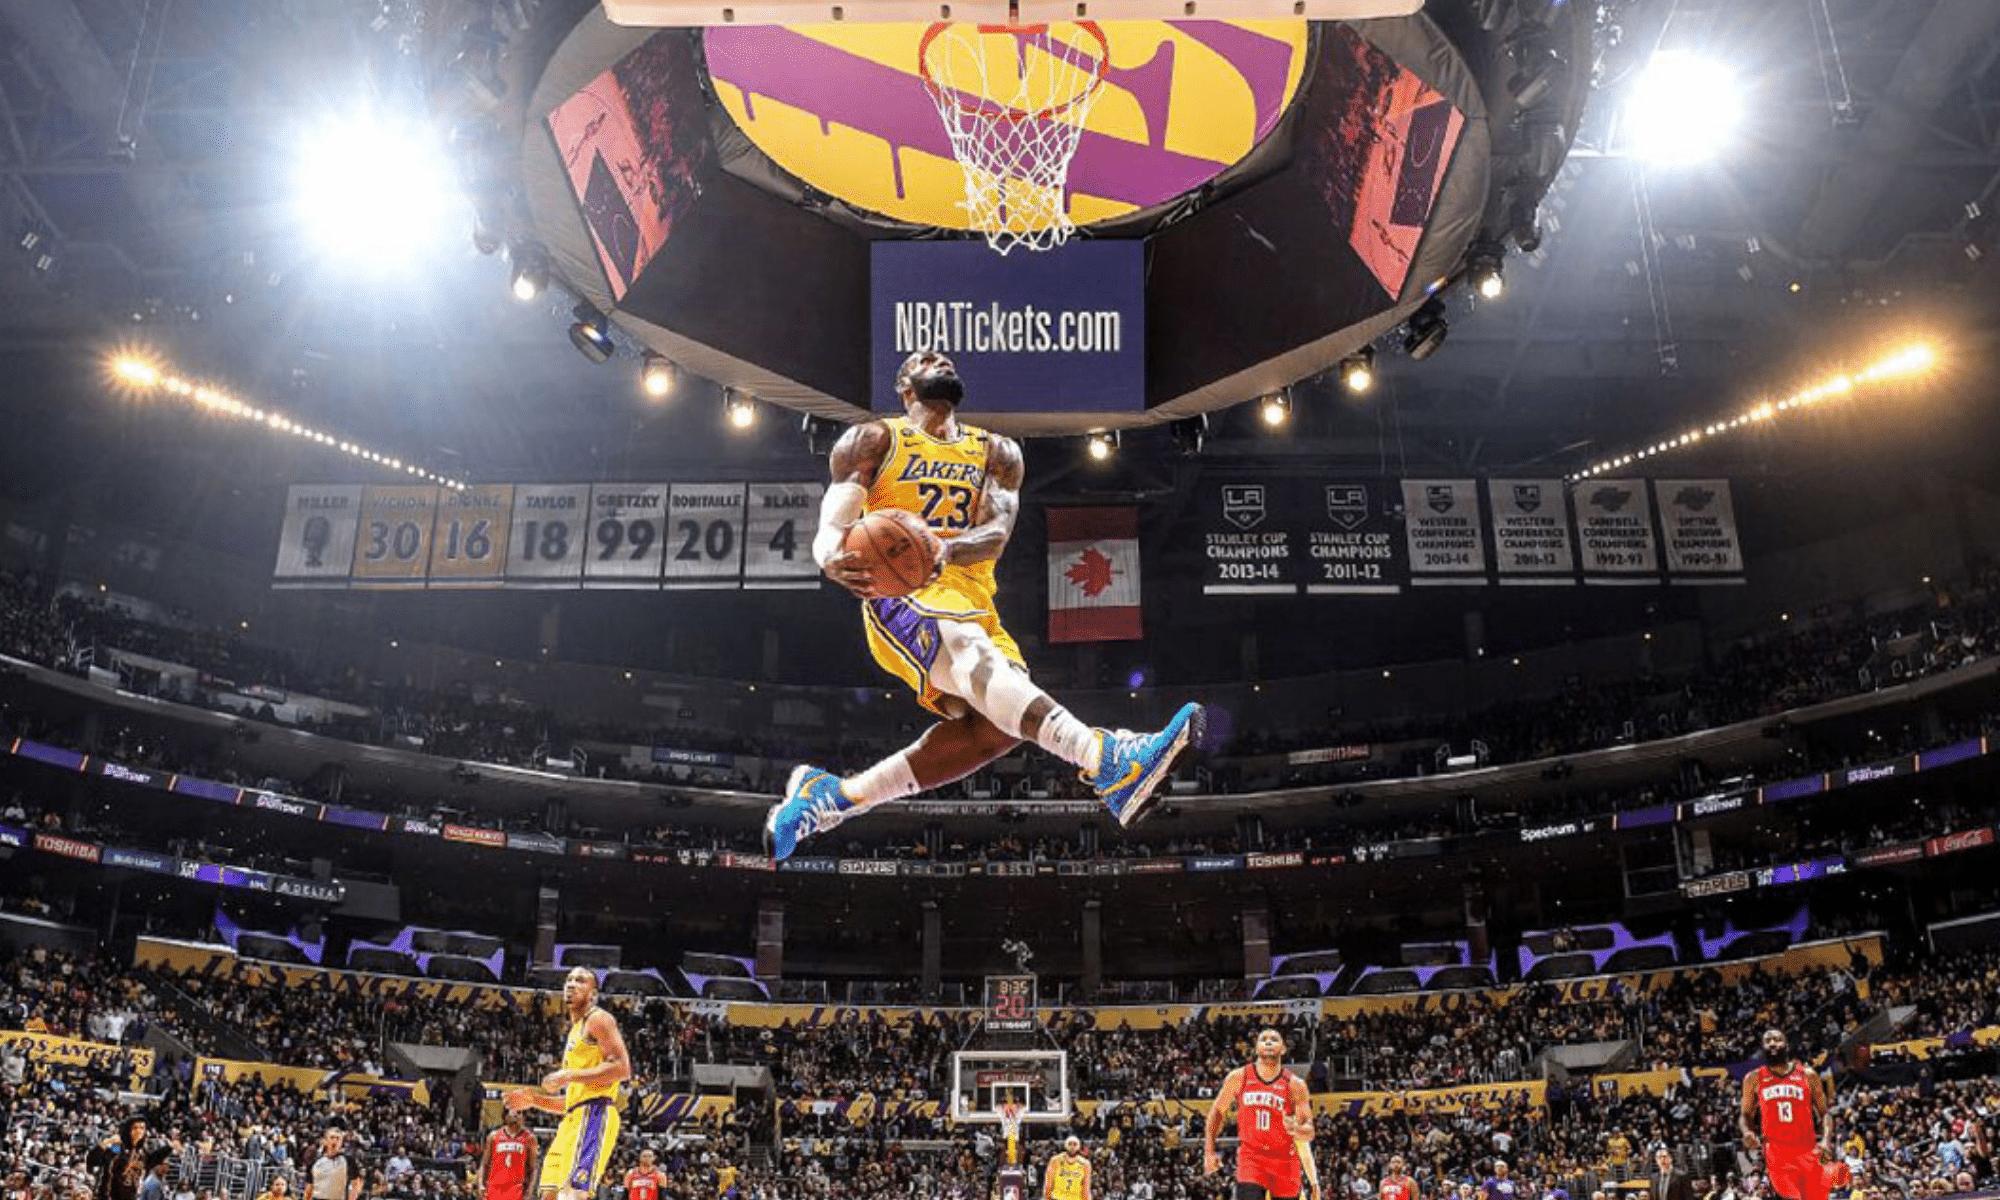 Le dunk hommage fou de LeBron James : «Kobe a pris possession de mon corps»